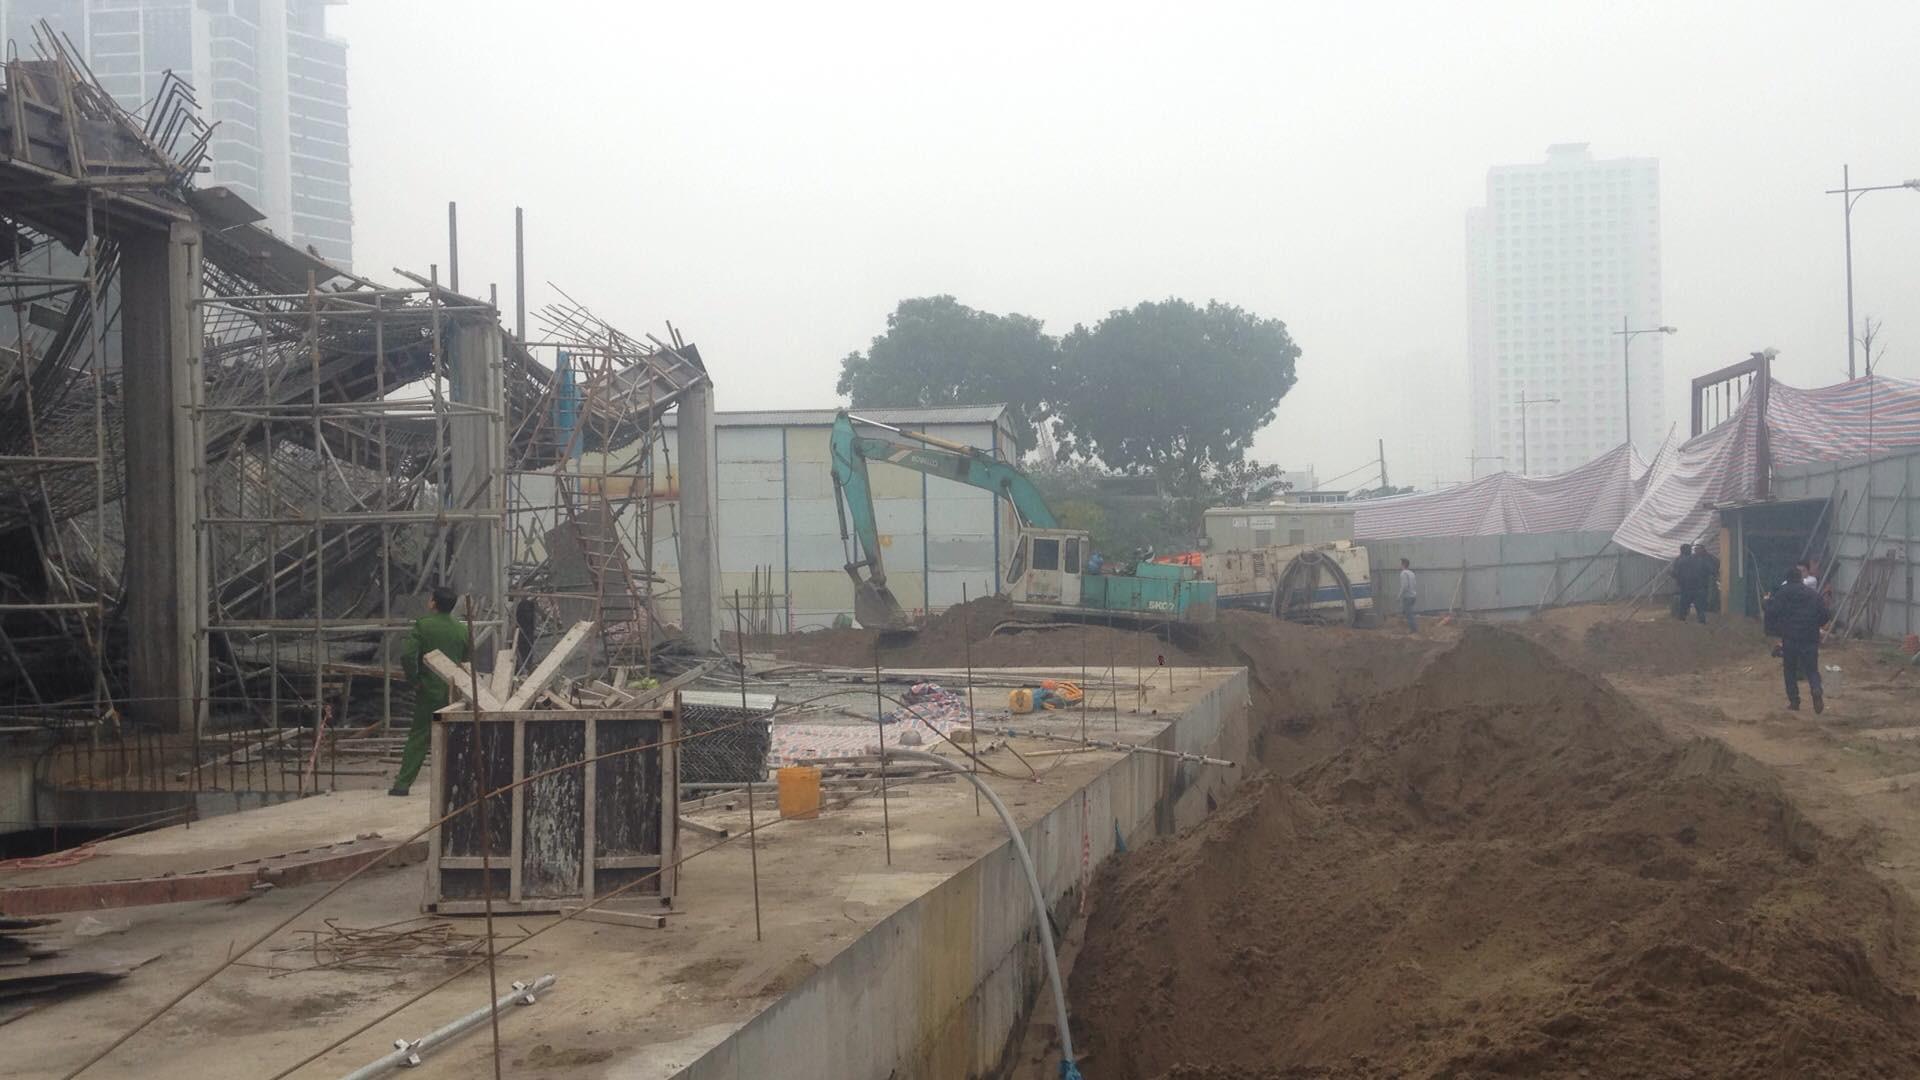 Hà Nội: Sập giàn giáo công trình xây dựng khiến 3 người chết, nhiều người bị thương - Ảnh 3.